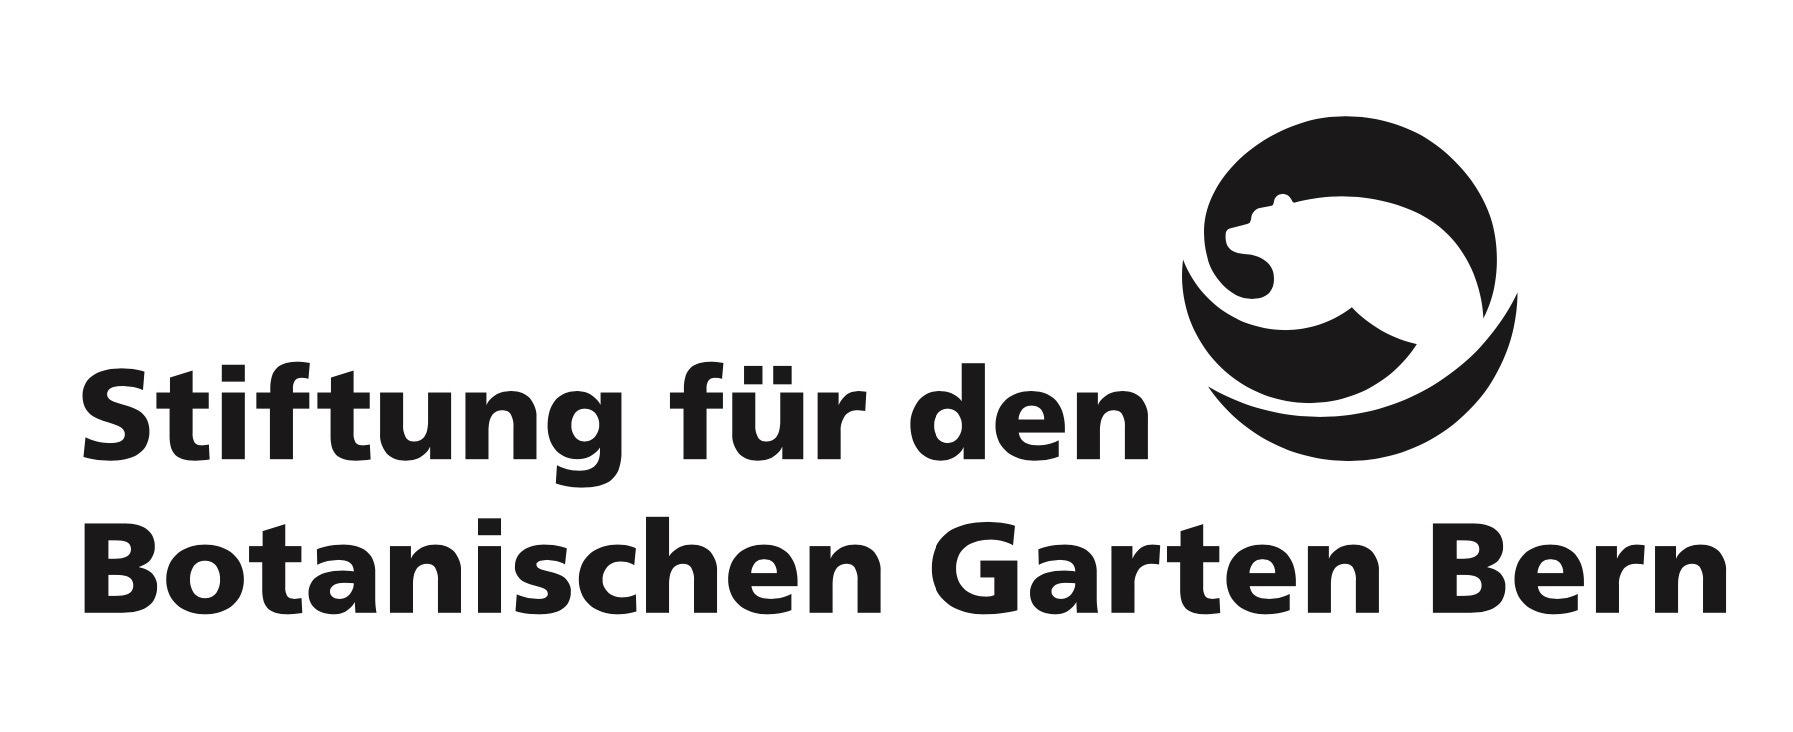 Stiftung Botanischer Garten Bern (Varieté)